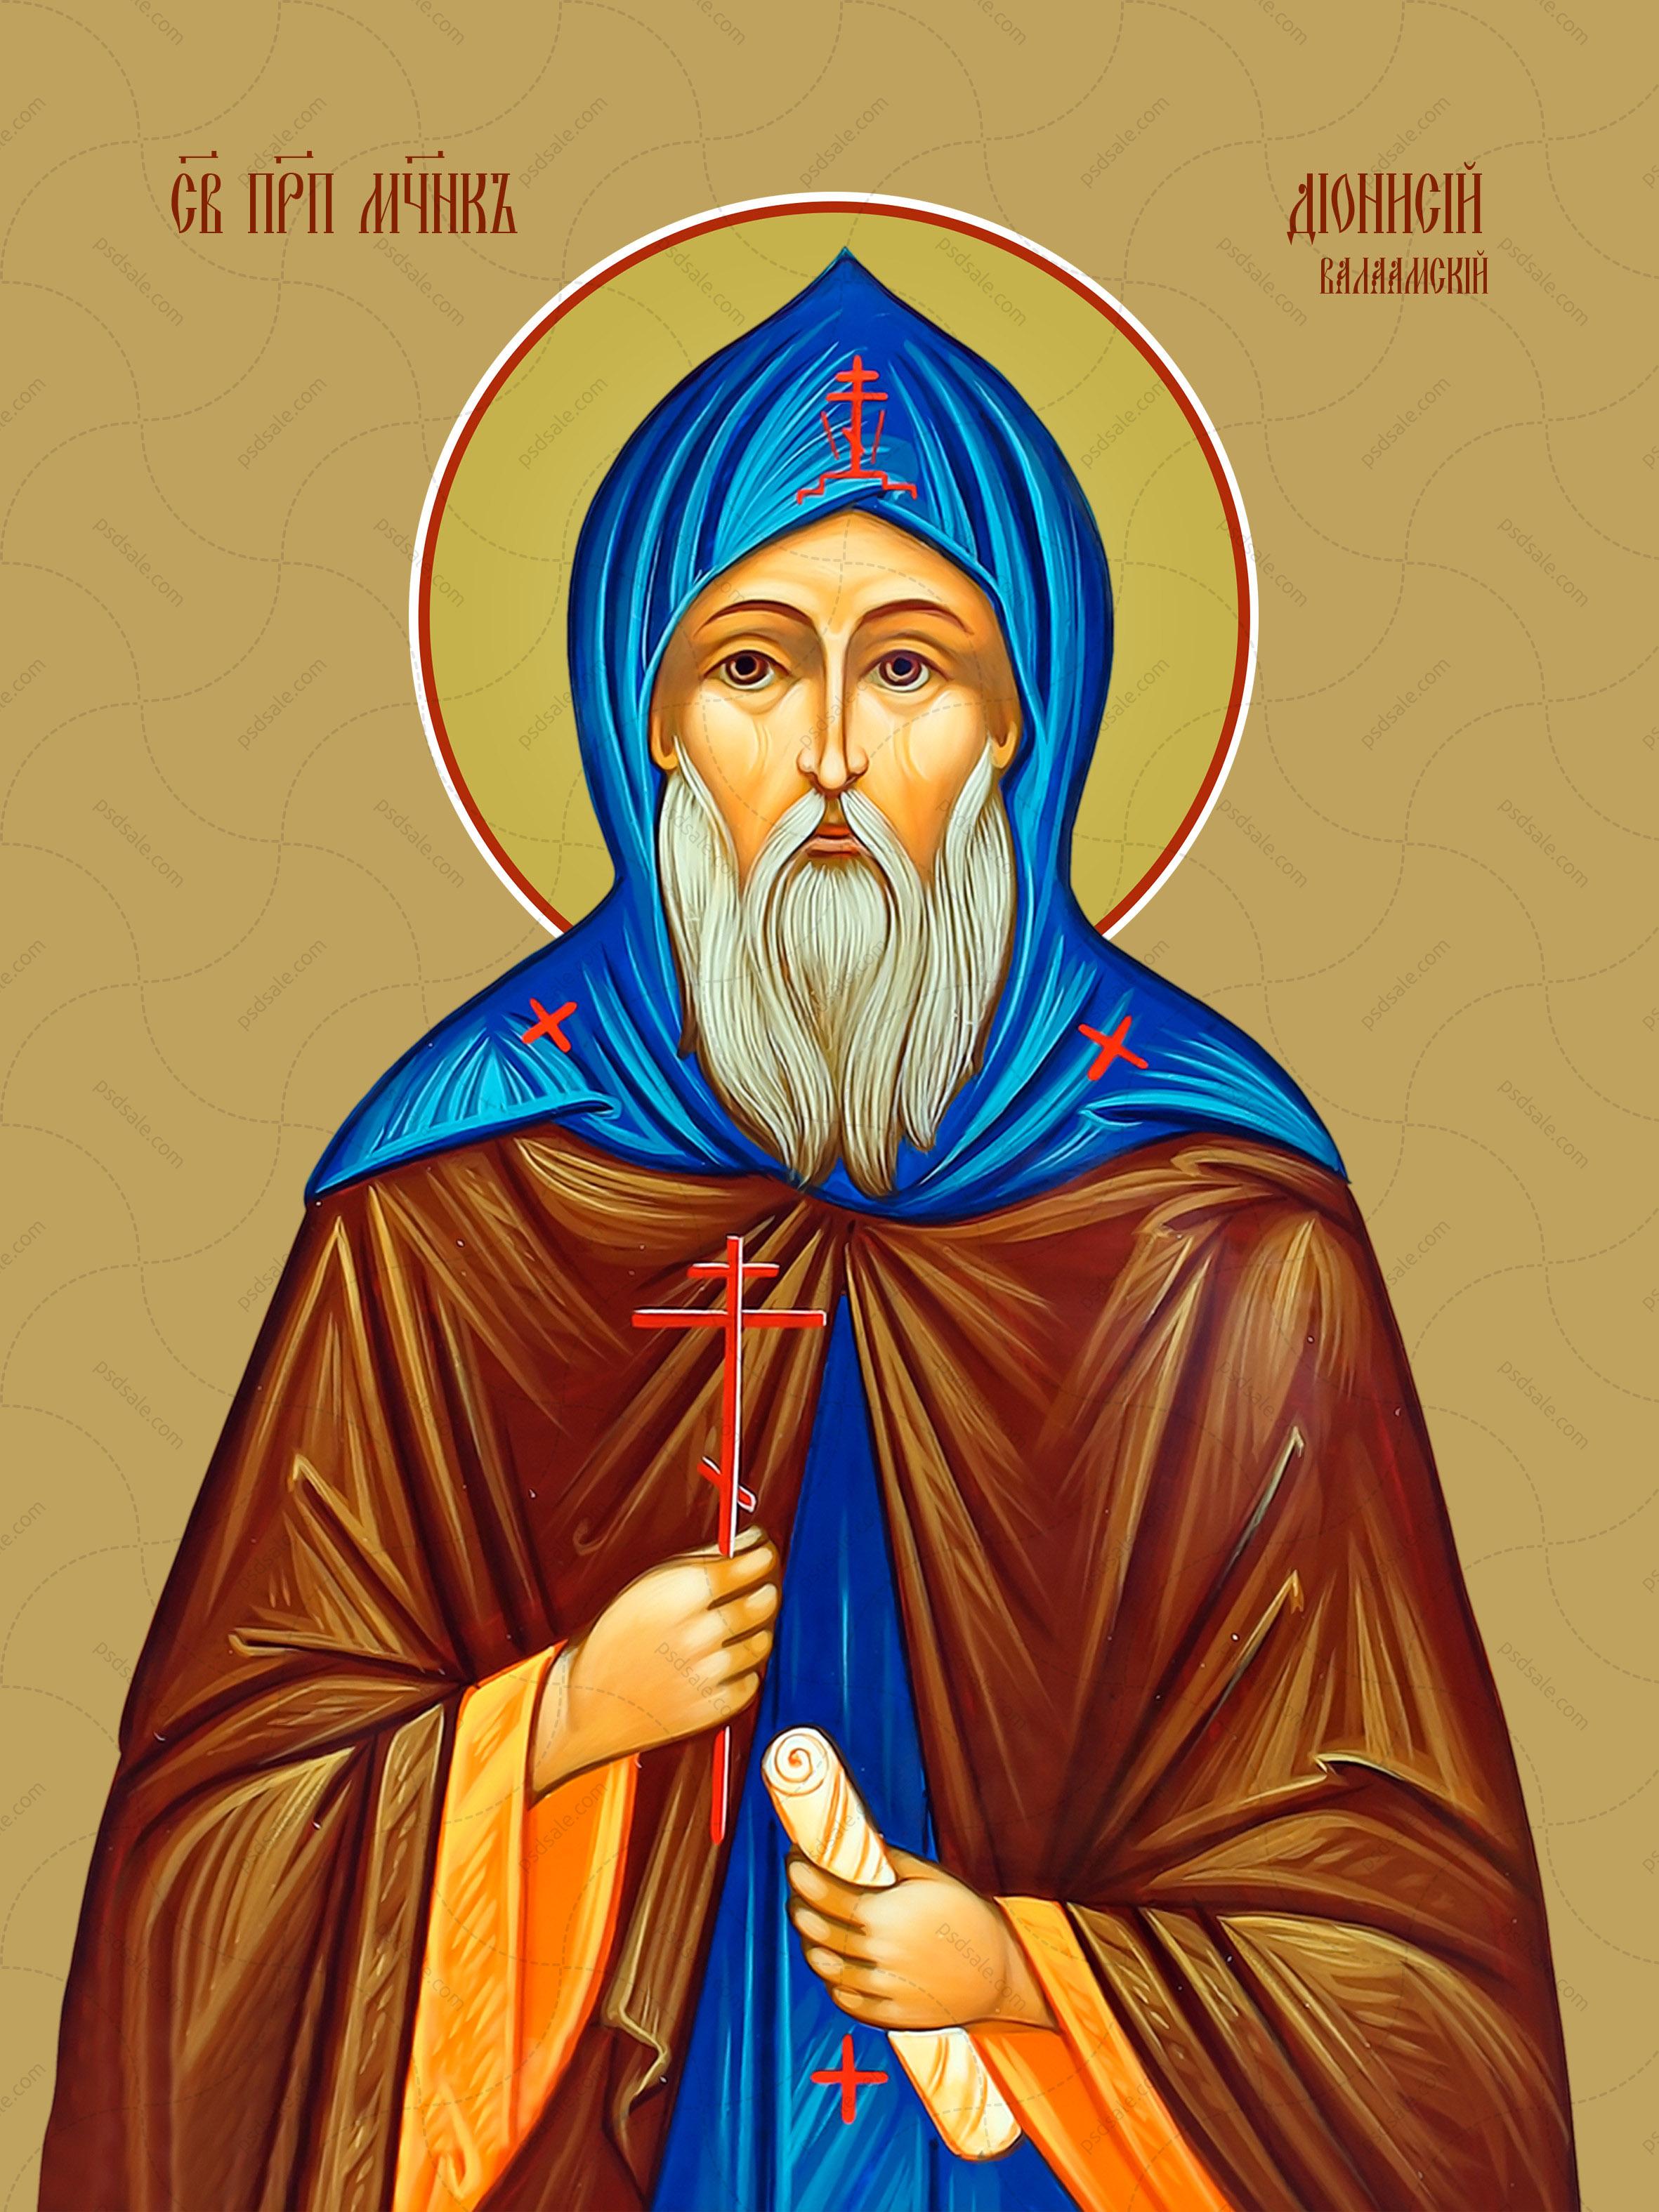 Дионисий Затворник, преподобный